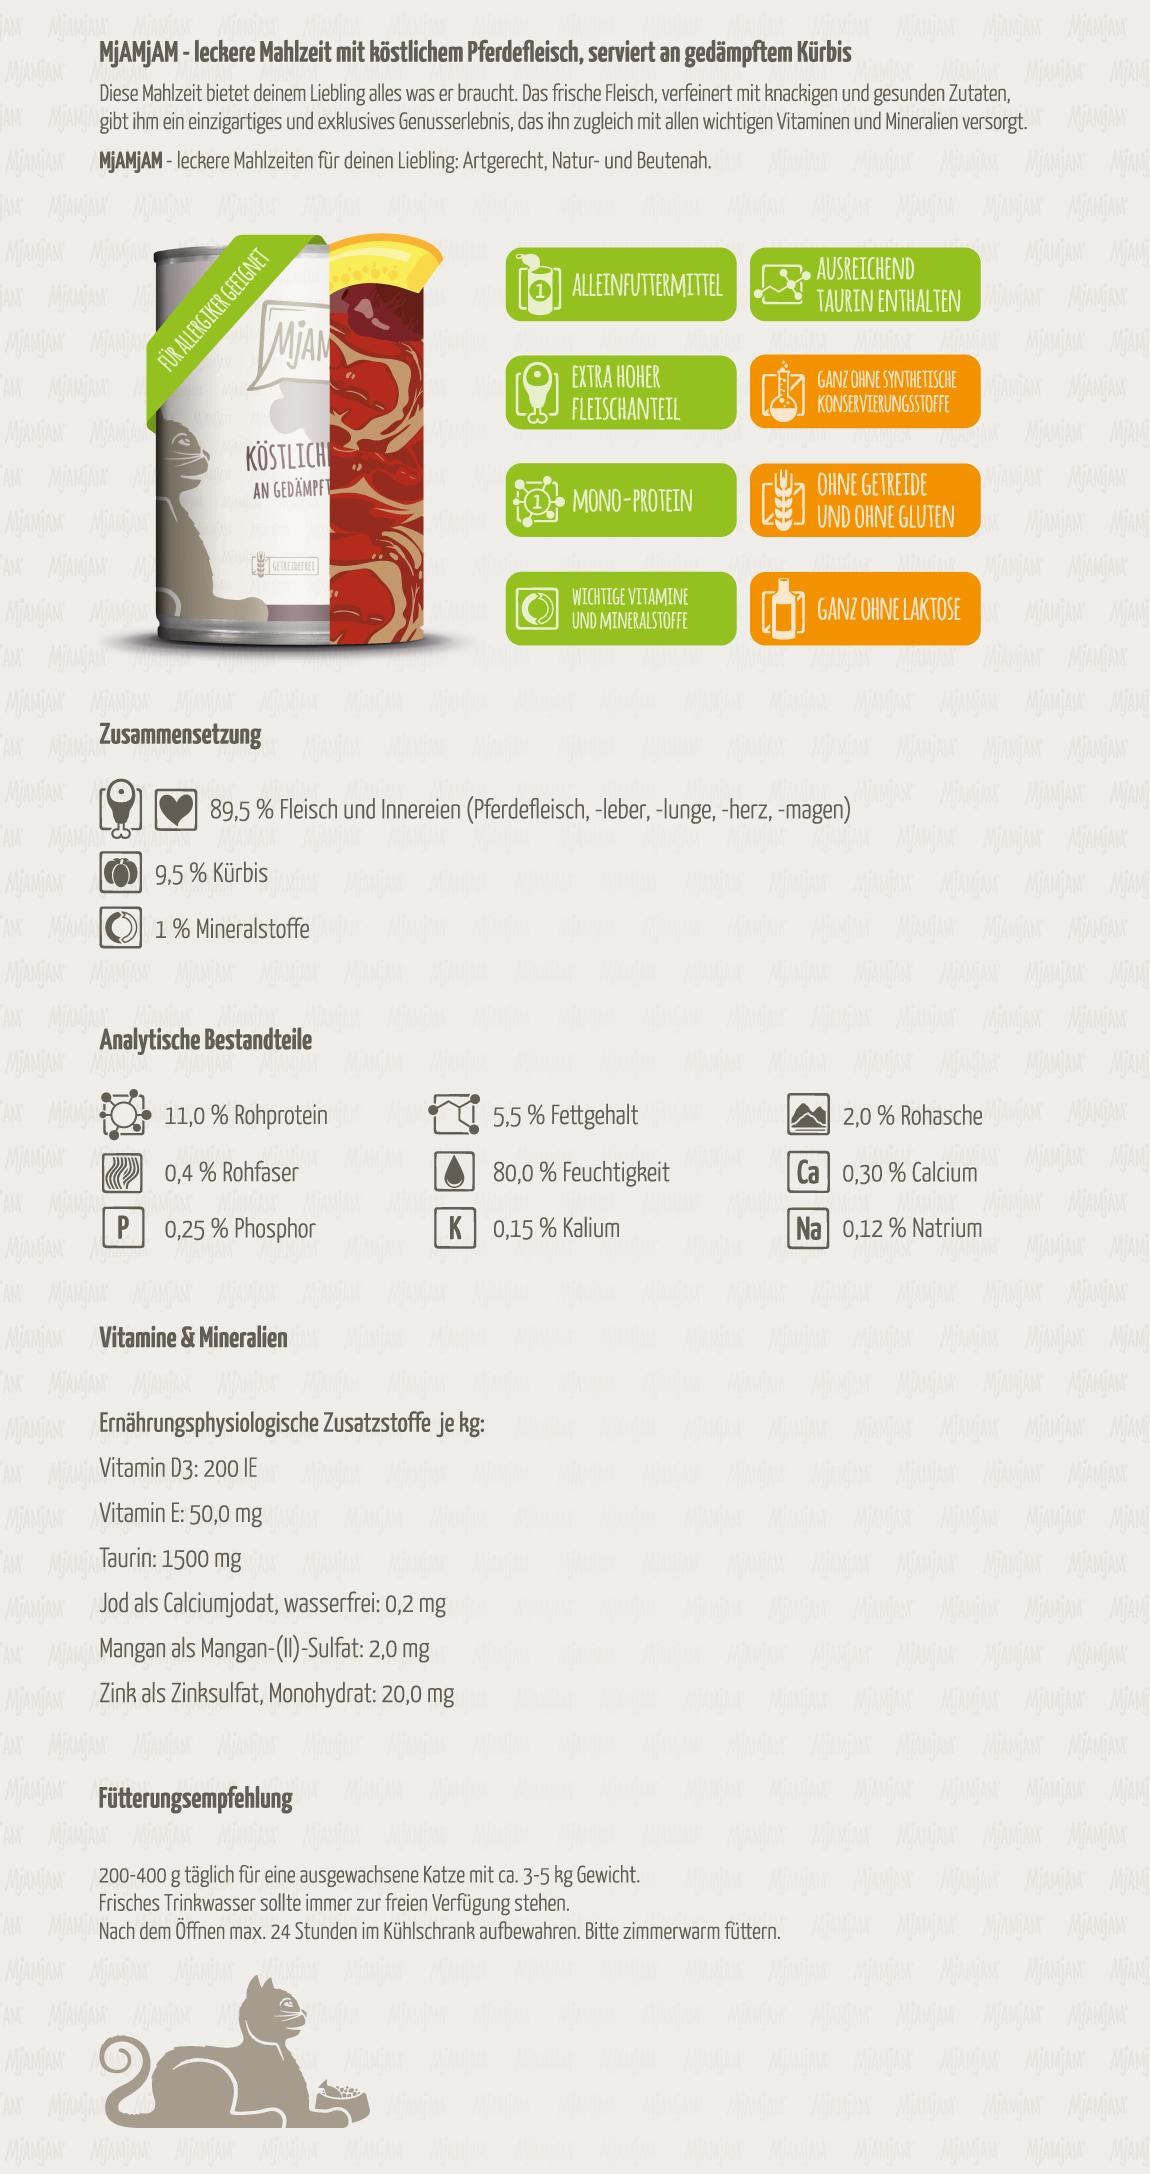 Mjamjam_Produktbeschreibung_Katze_Koestliches-PferdVJoagpZP5eEVU